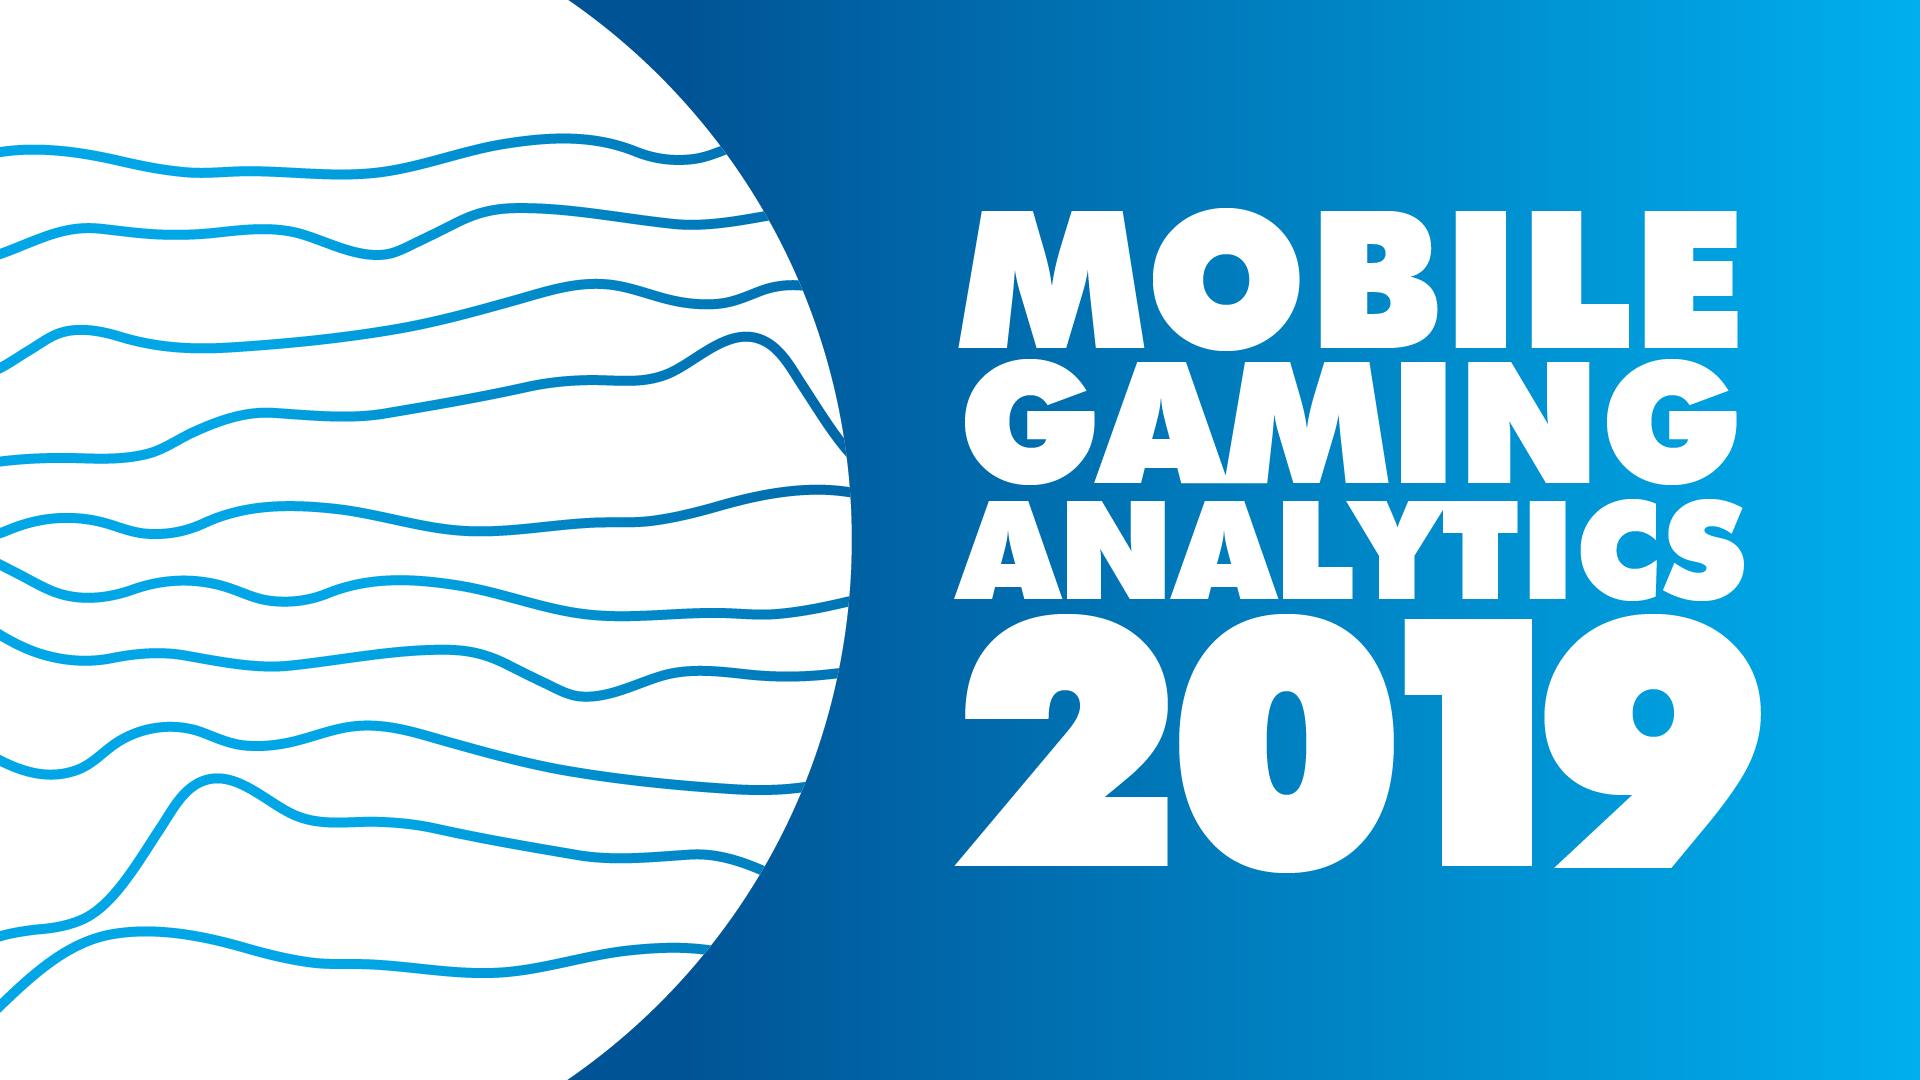 Игровой рынок, тренды и прогнозы — большая аналитика от App Annie - 1